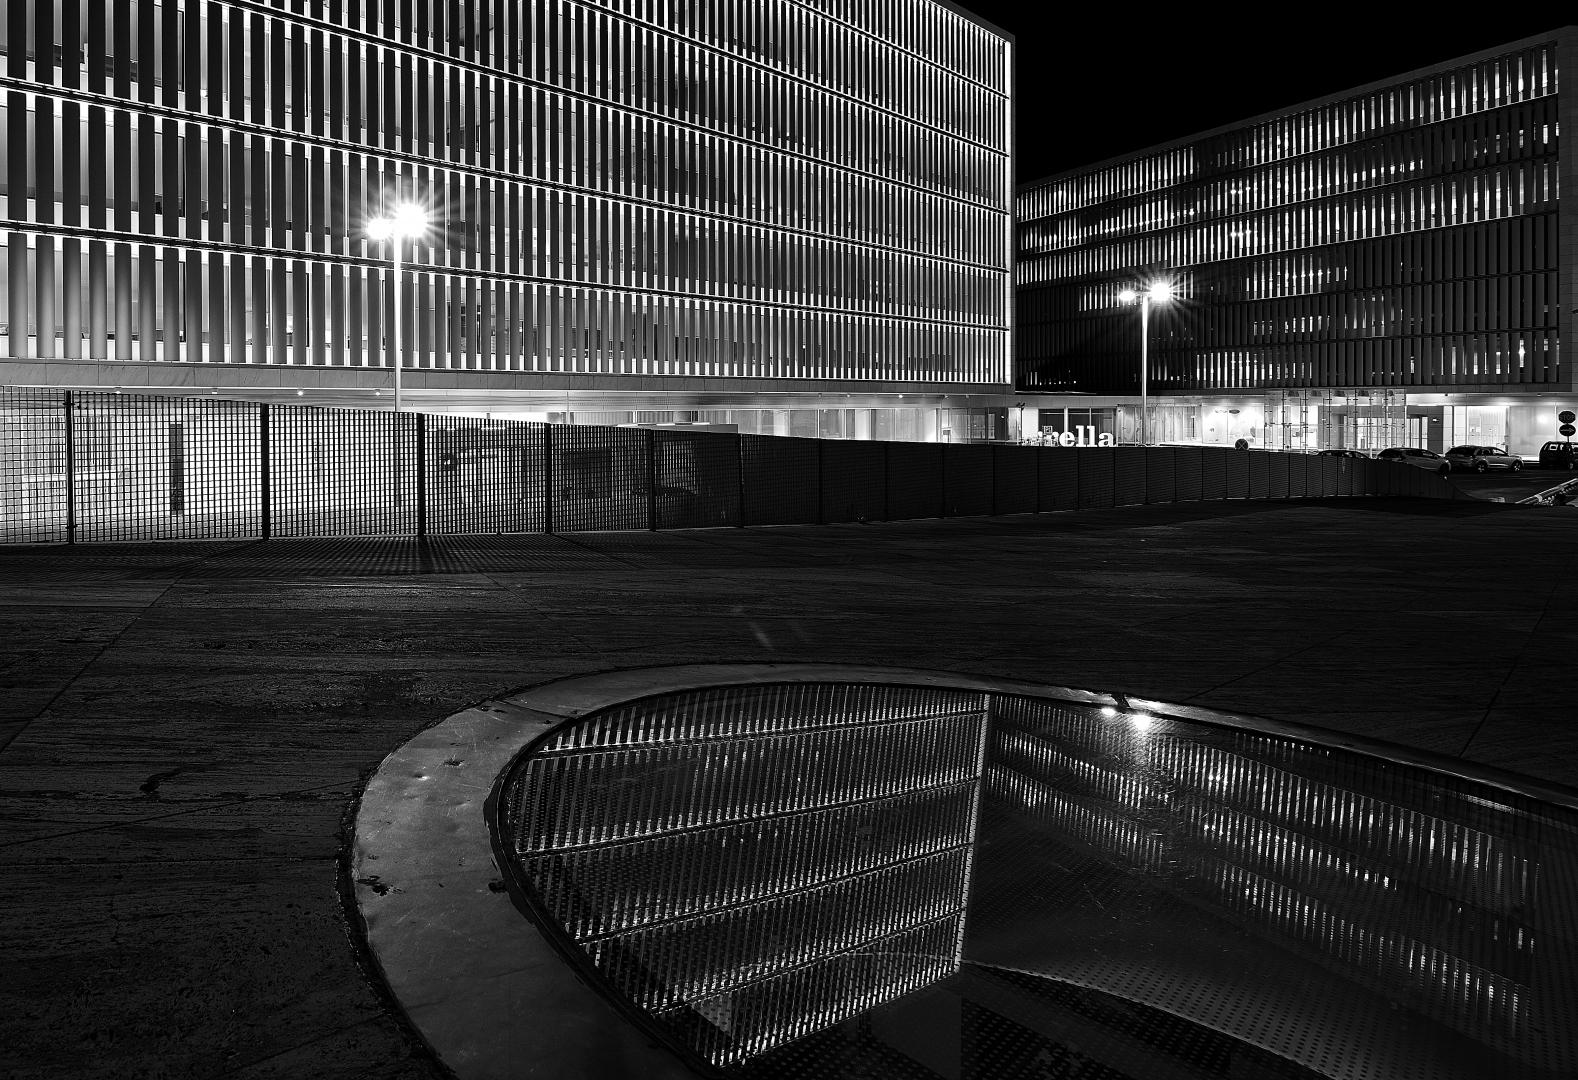 Arquitetura/Geometrias e reflexos da cidade